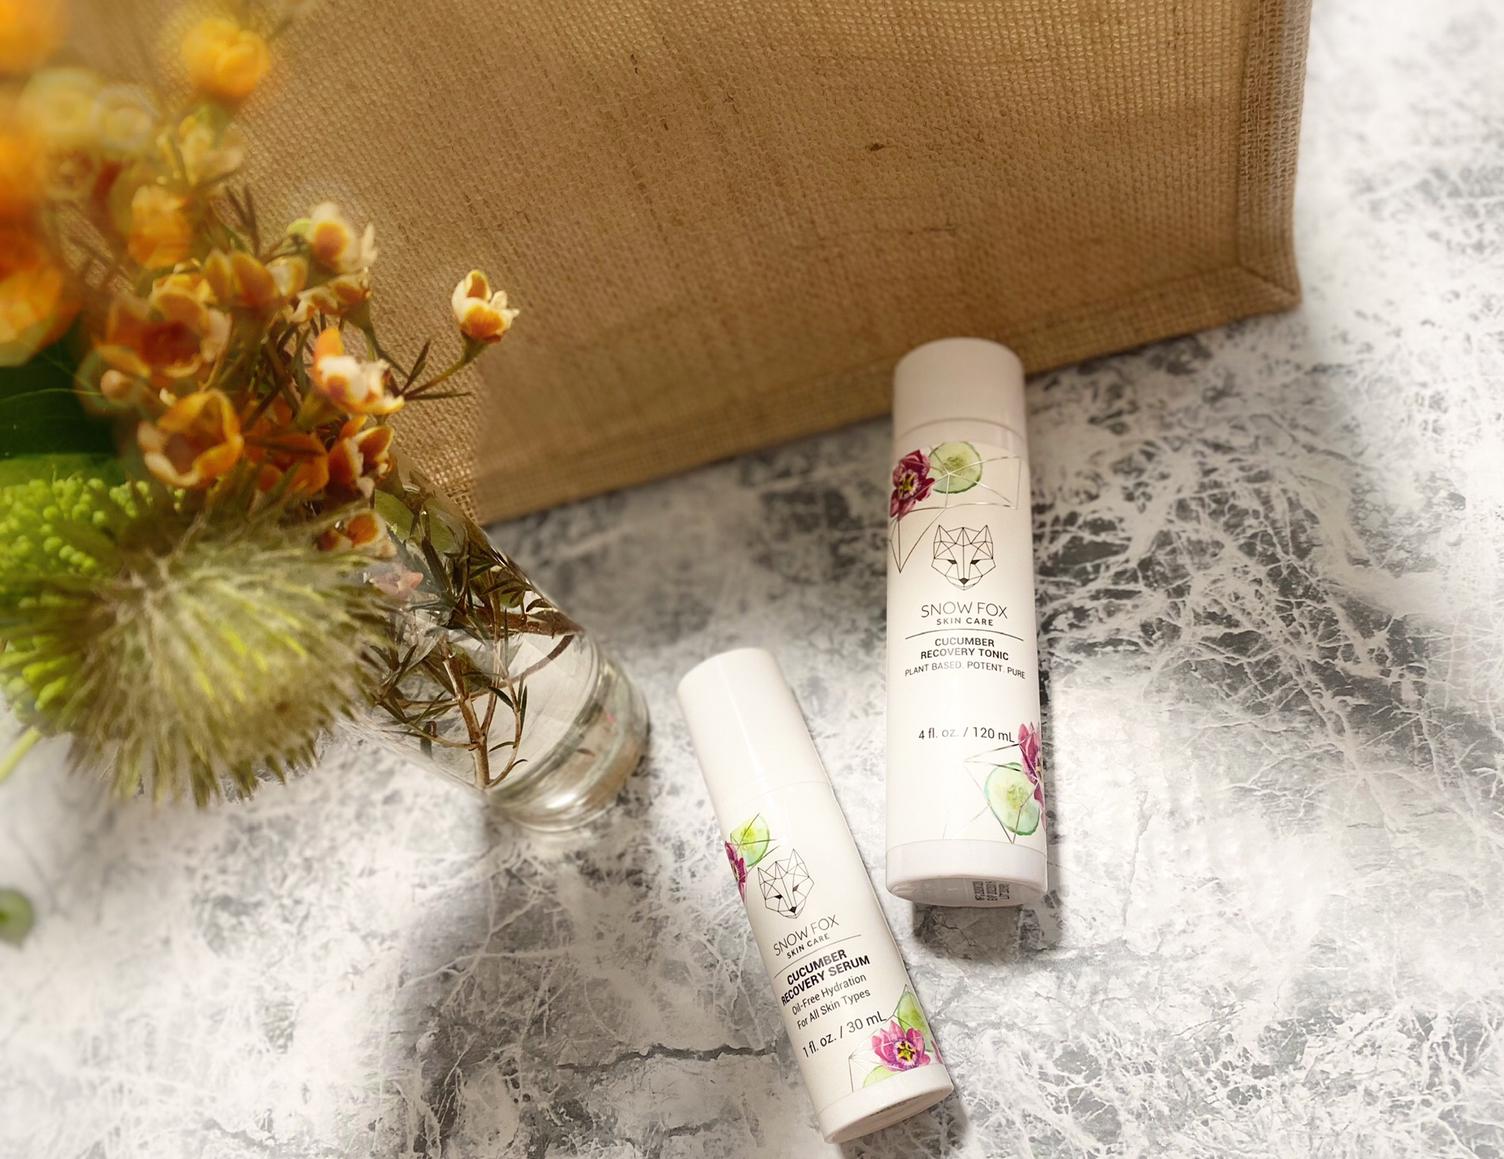 スキンケア スノーフォックススキンケア 化粧水 美容液 ヴィーガン植物由来